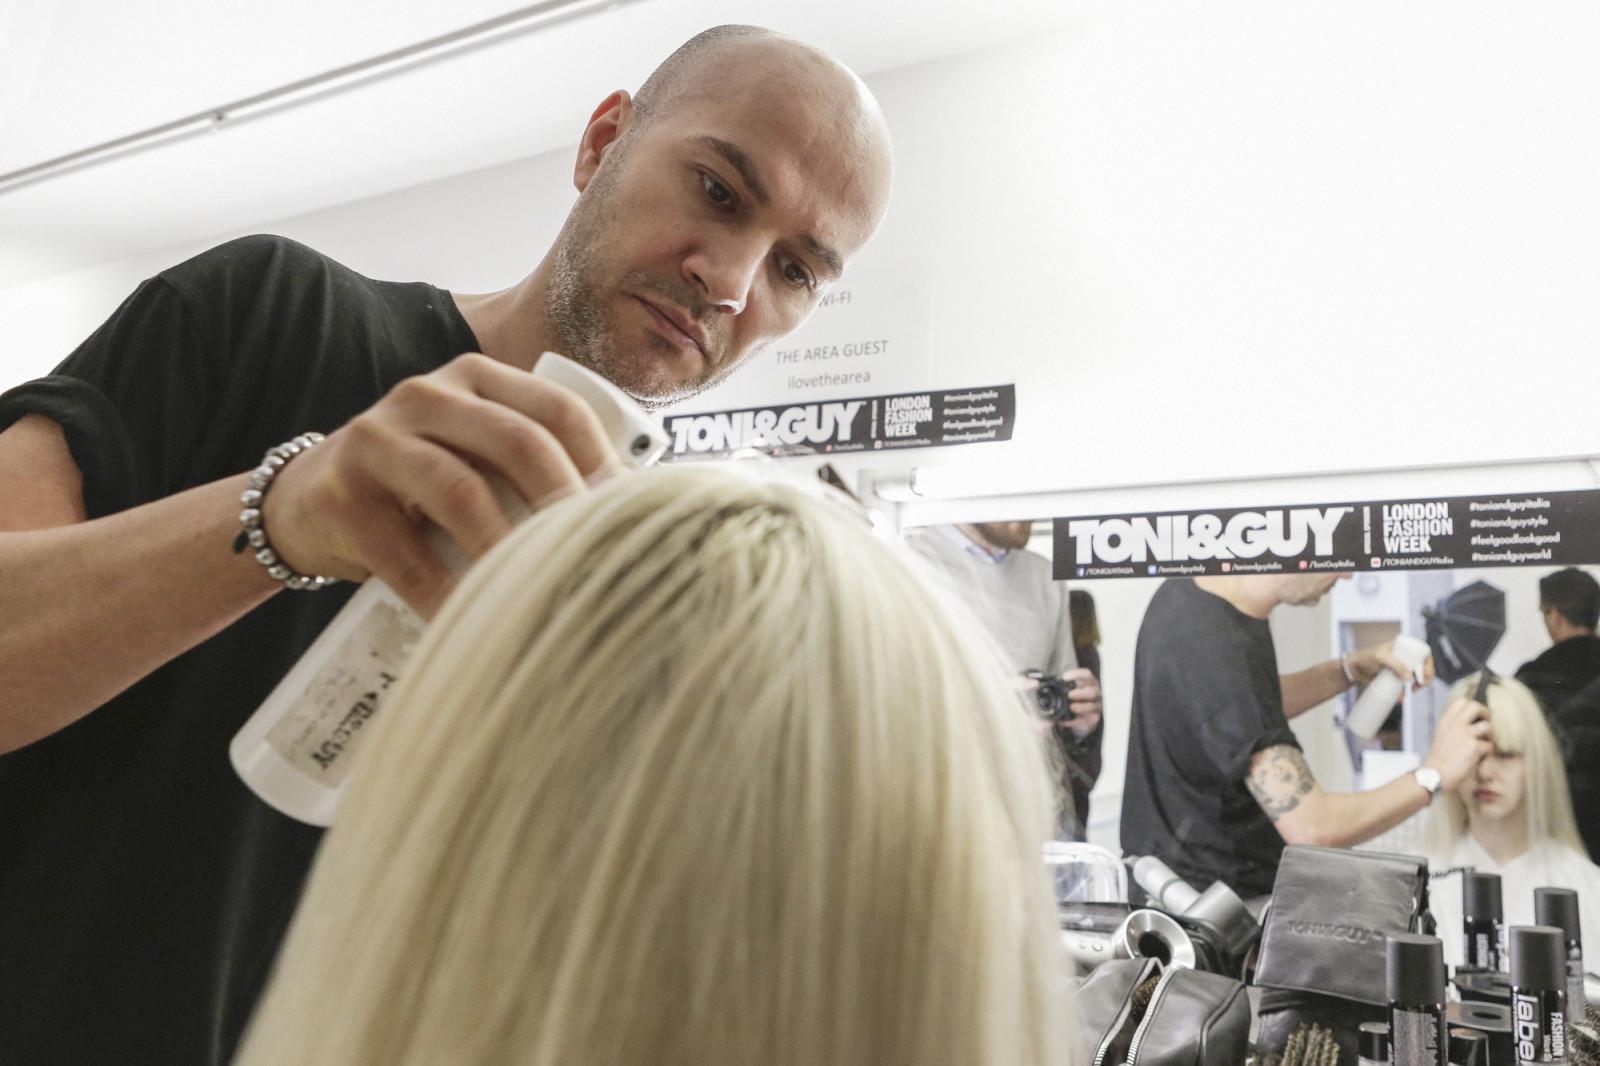 Denis Pichierri, Salon Manager e Creative Director del Salone di TONI&GUY Torino Principi